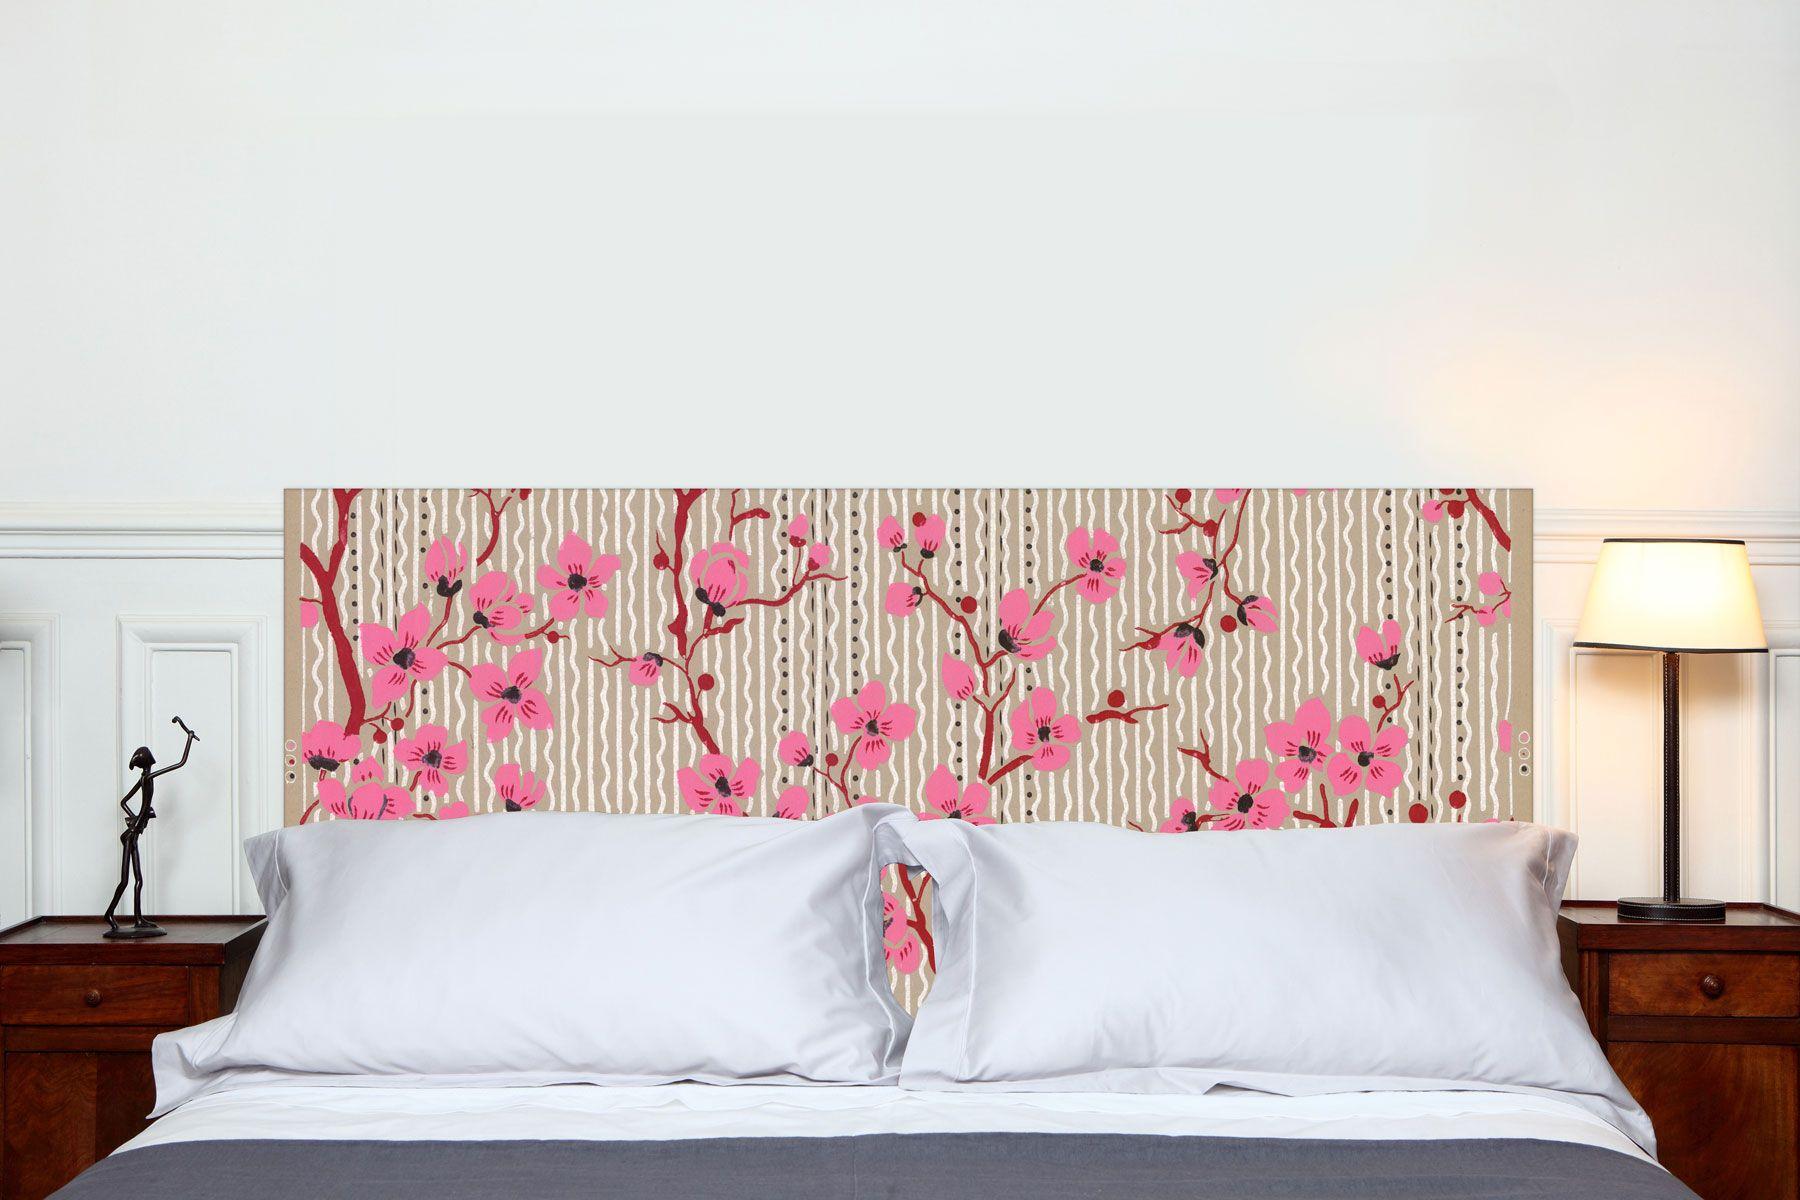 Tete de lit Cerisiers 160*70 cm